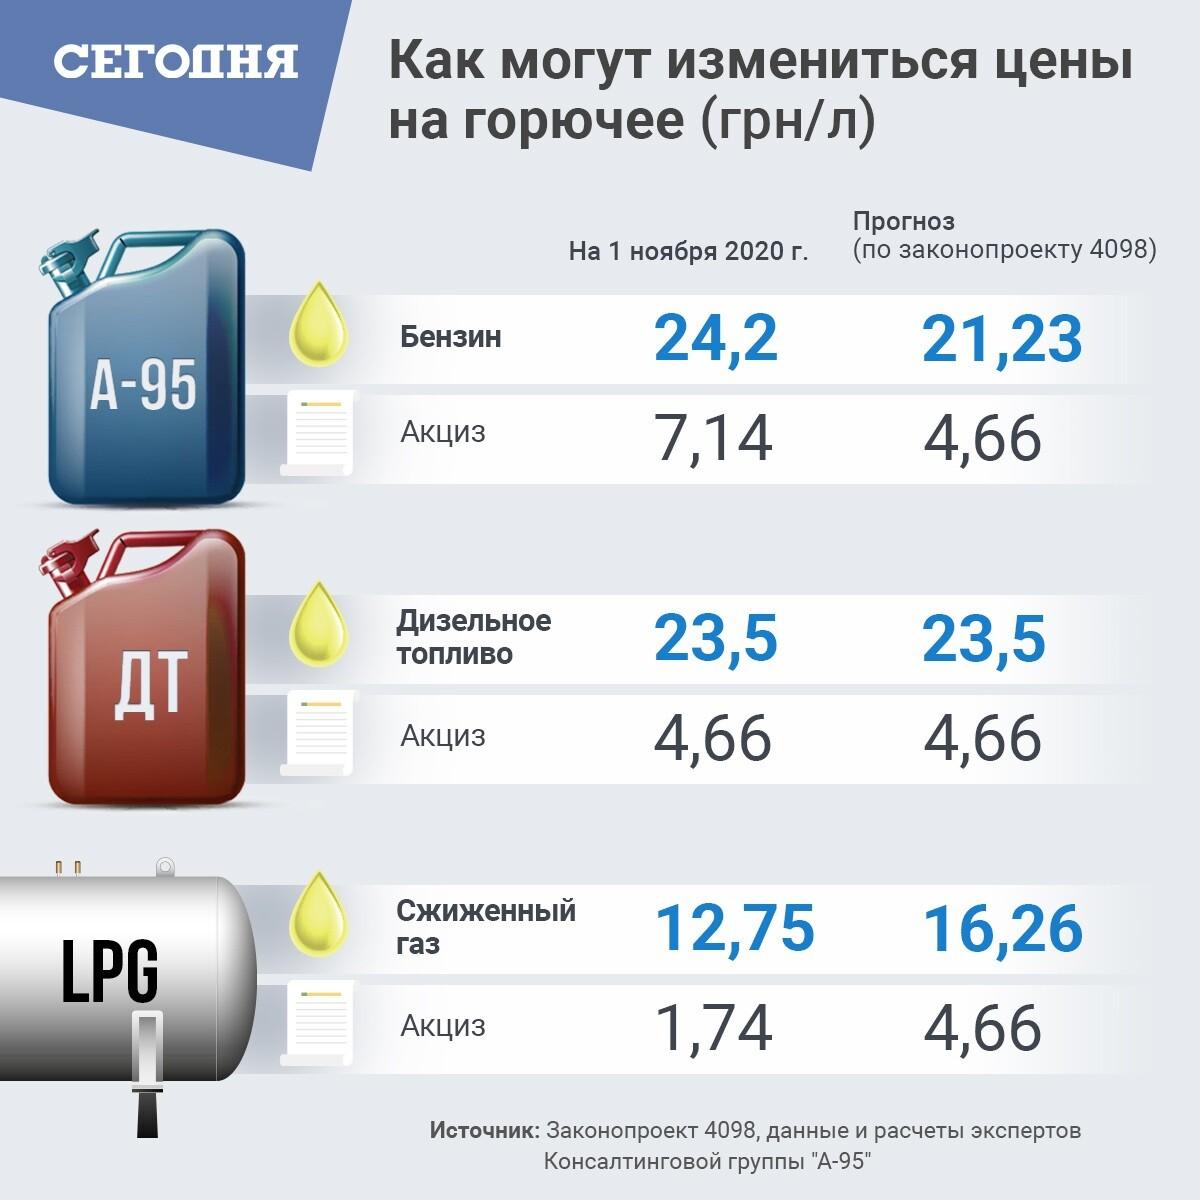 Верховная Рада готовится изменить цены на топливо